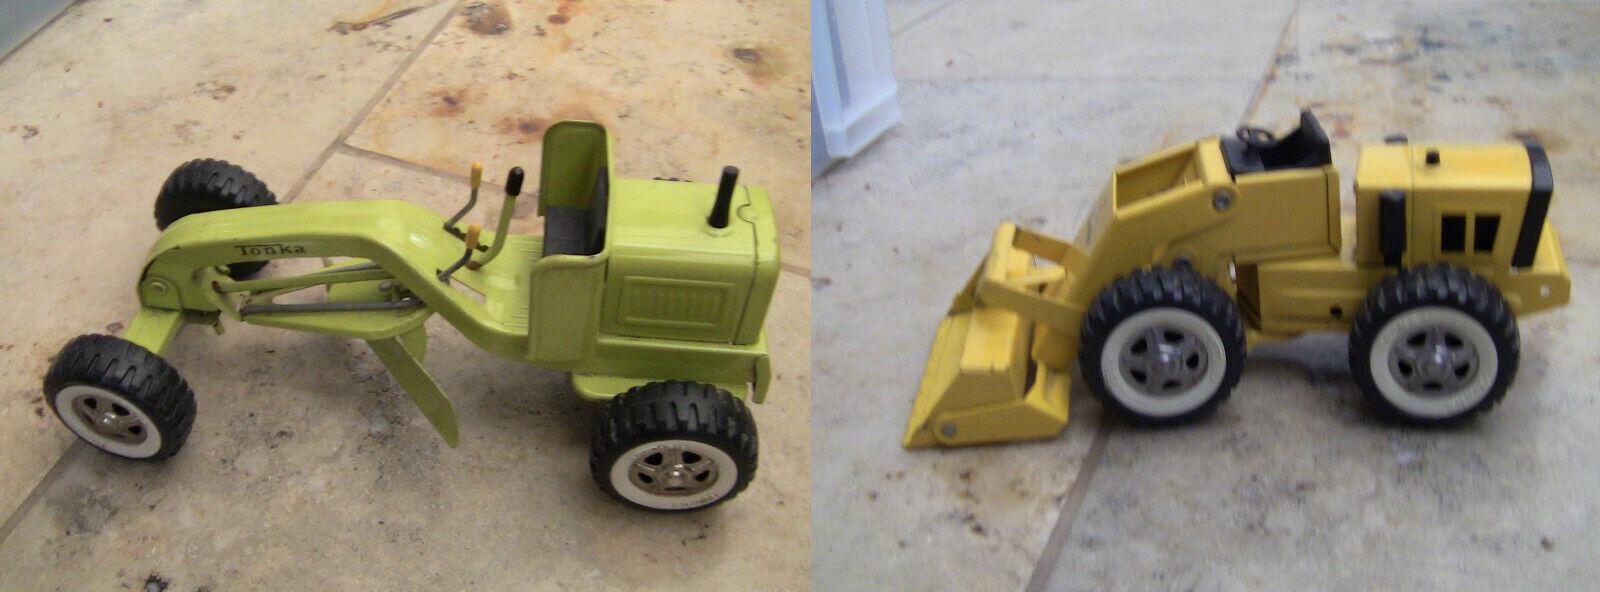 2 vintage Tonka toys Rare green road grader and    yellow Loader 1960's 1970's 67d